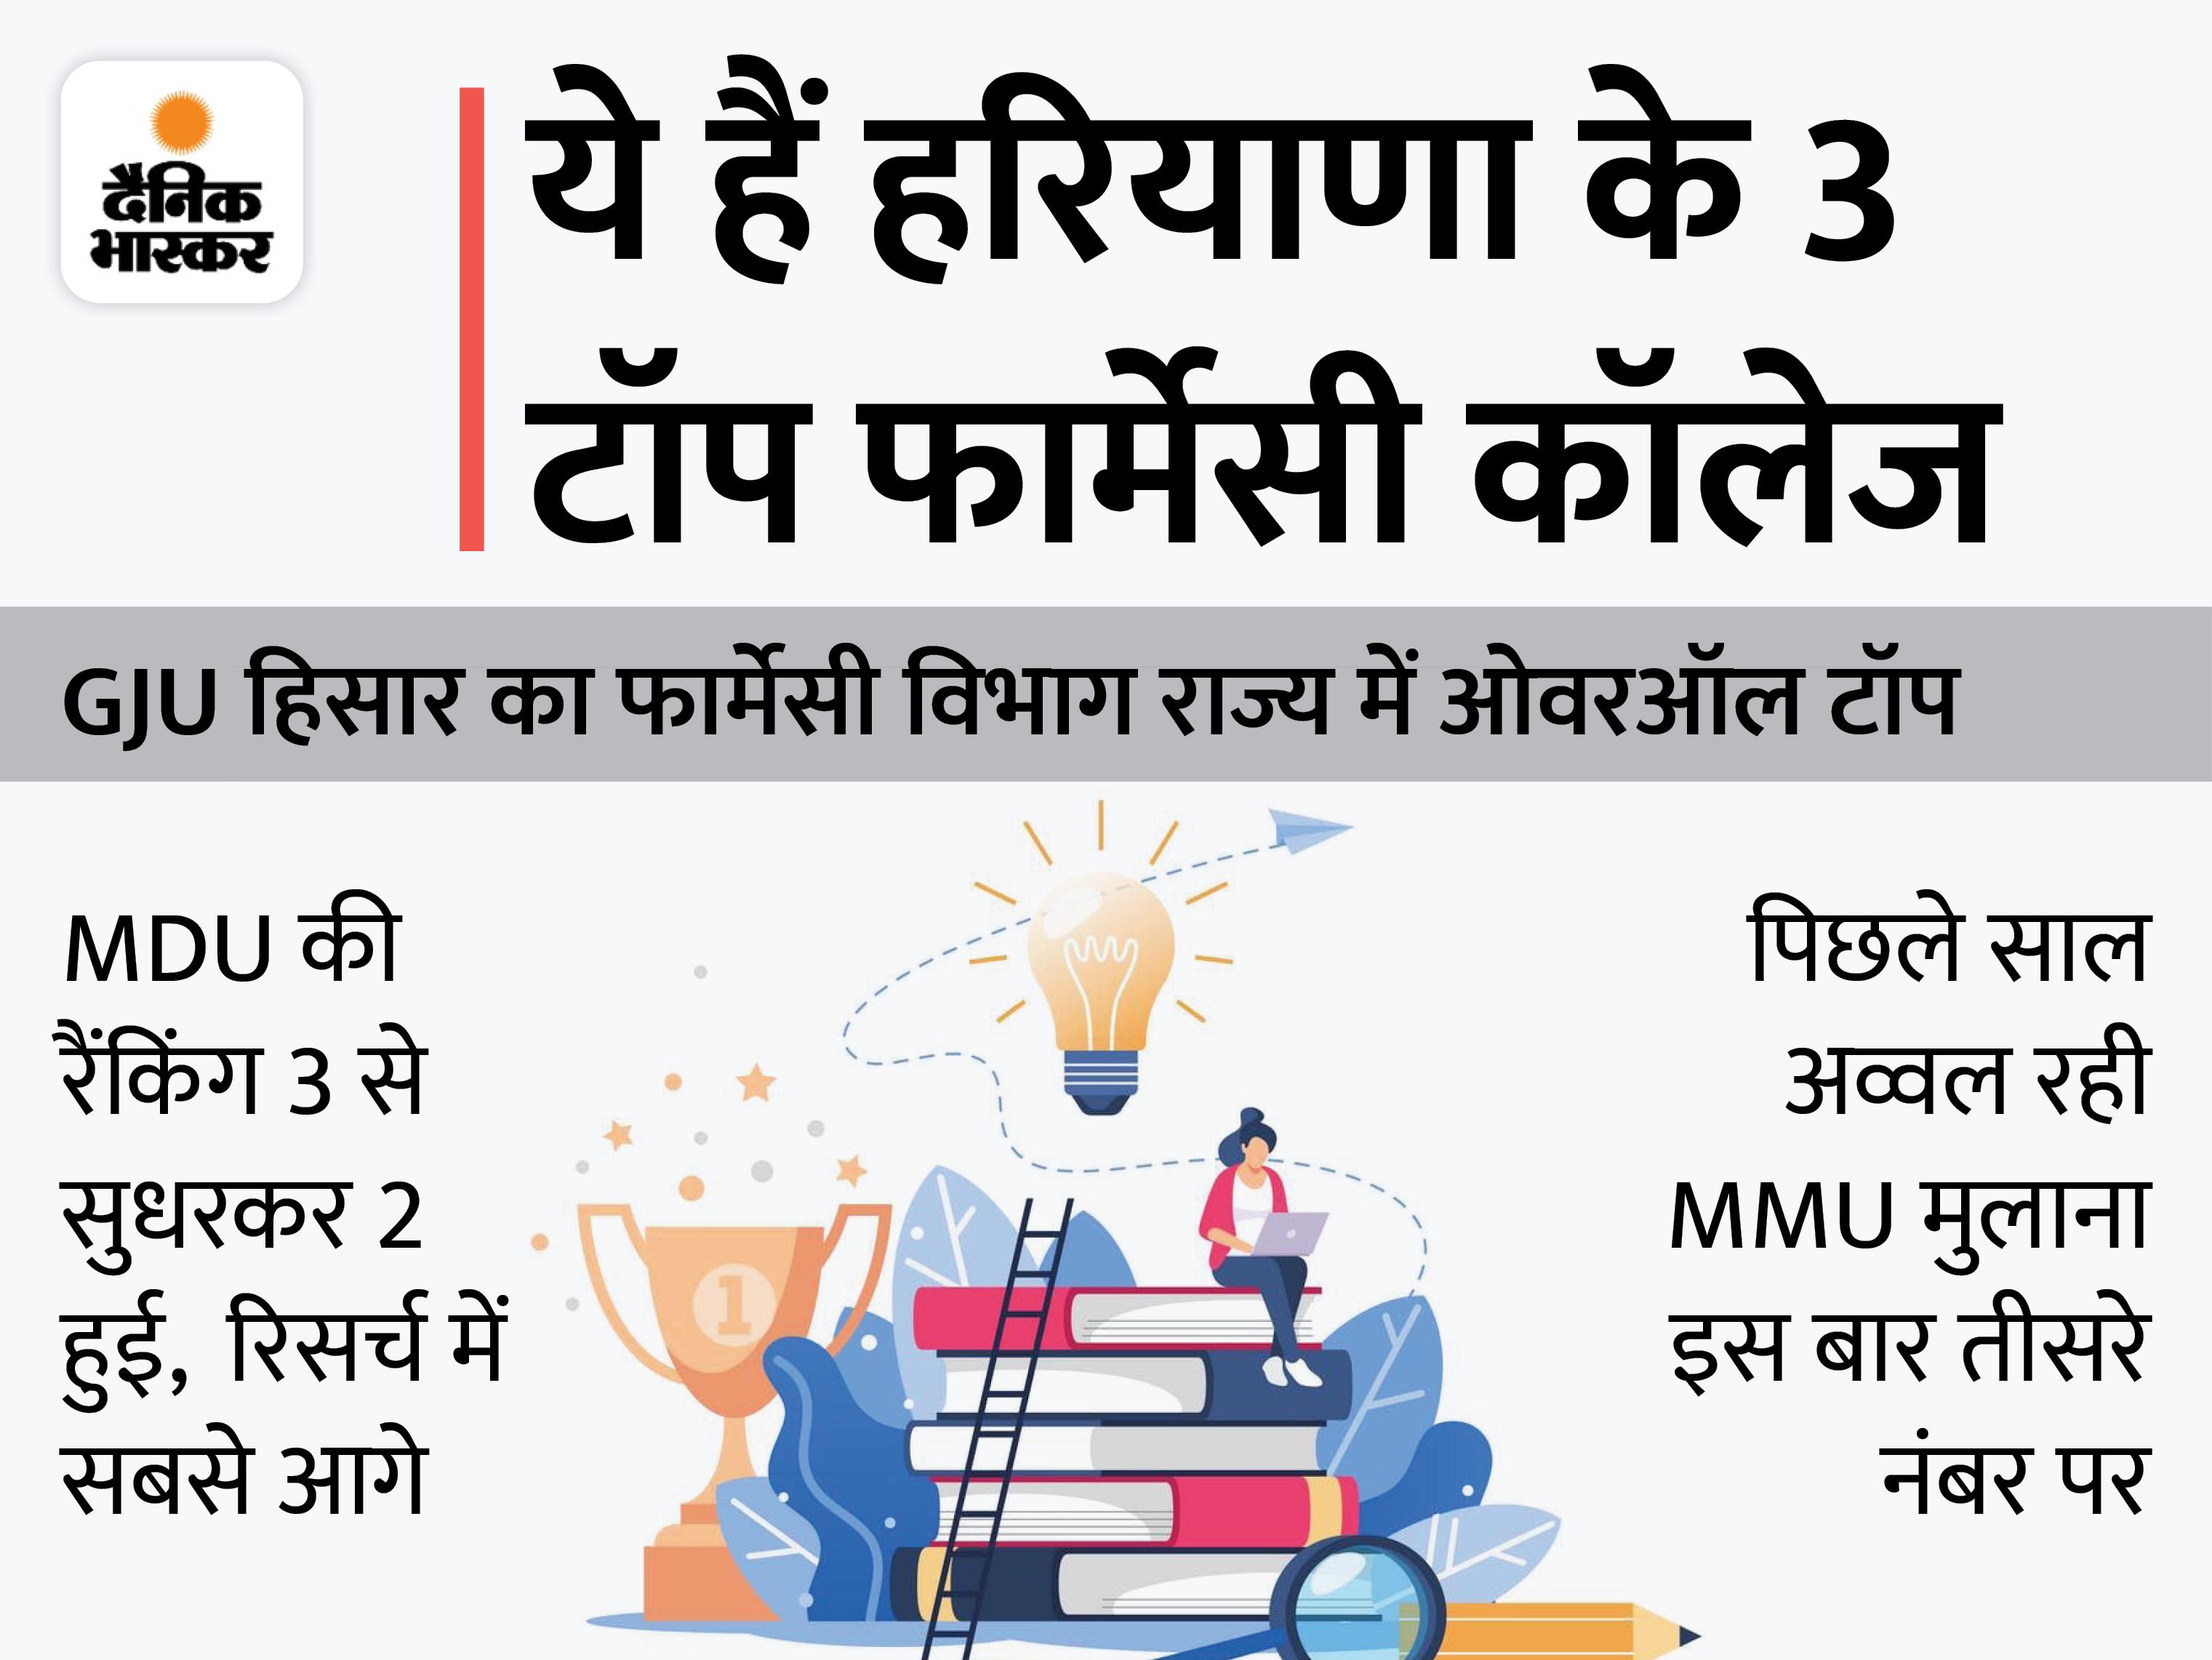 ओवरऑल रैंकिंग में GJU हिसार राज्य में 1 नंबर पर, रिसर्च में MDU रोहतक का कोई मुकाबला नहीं|रोहतक,Rohtak - Dainik Bhaskar